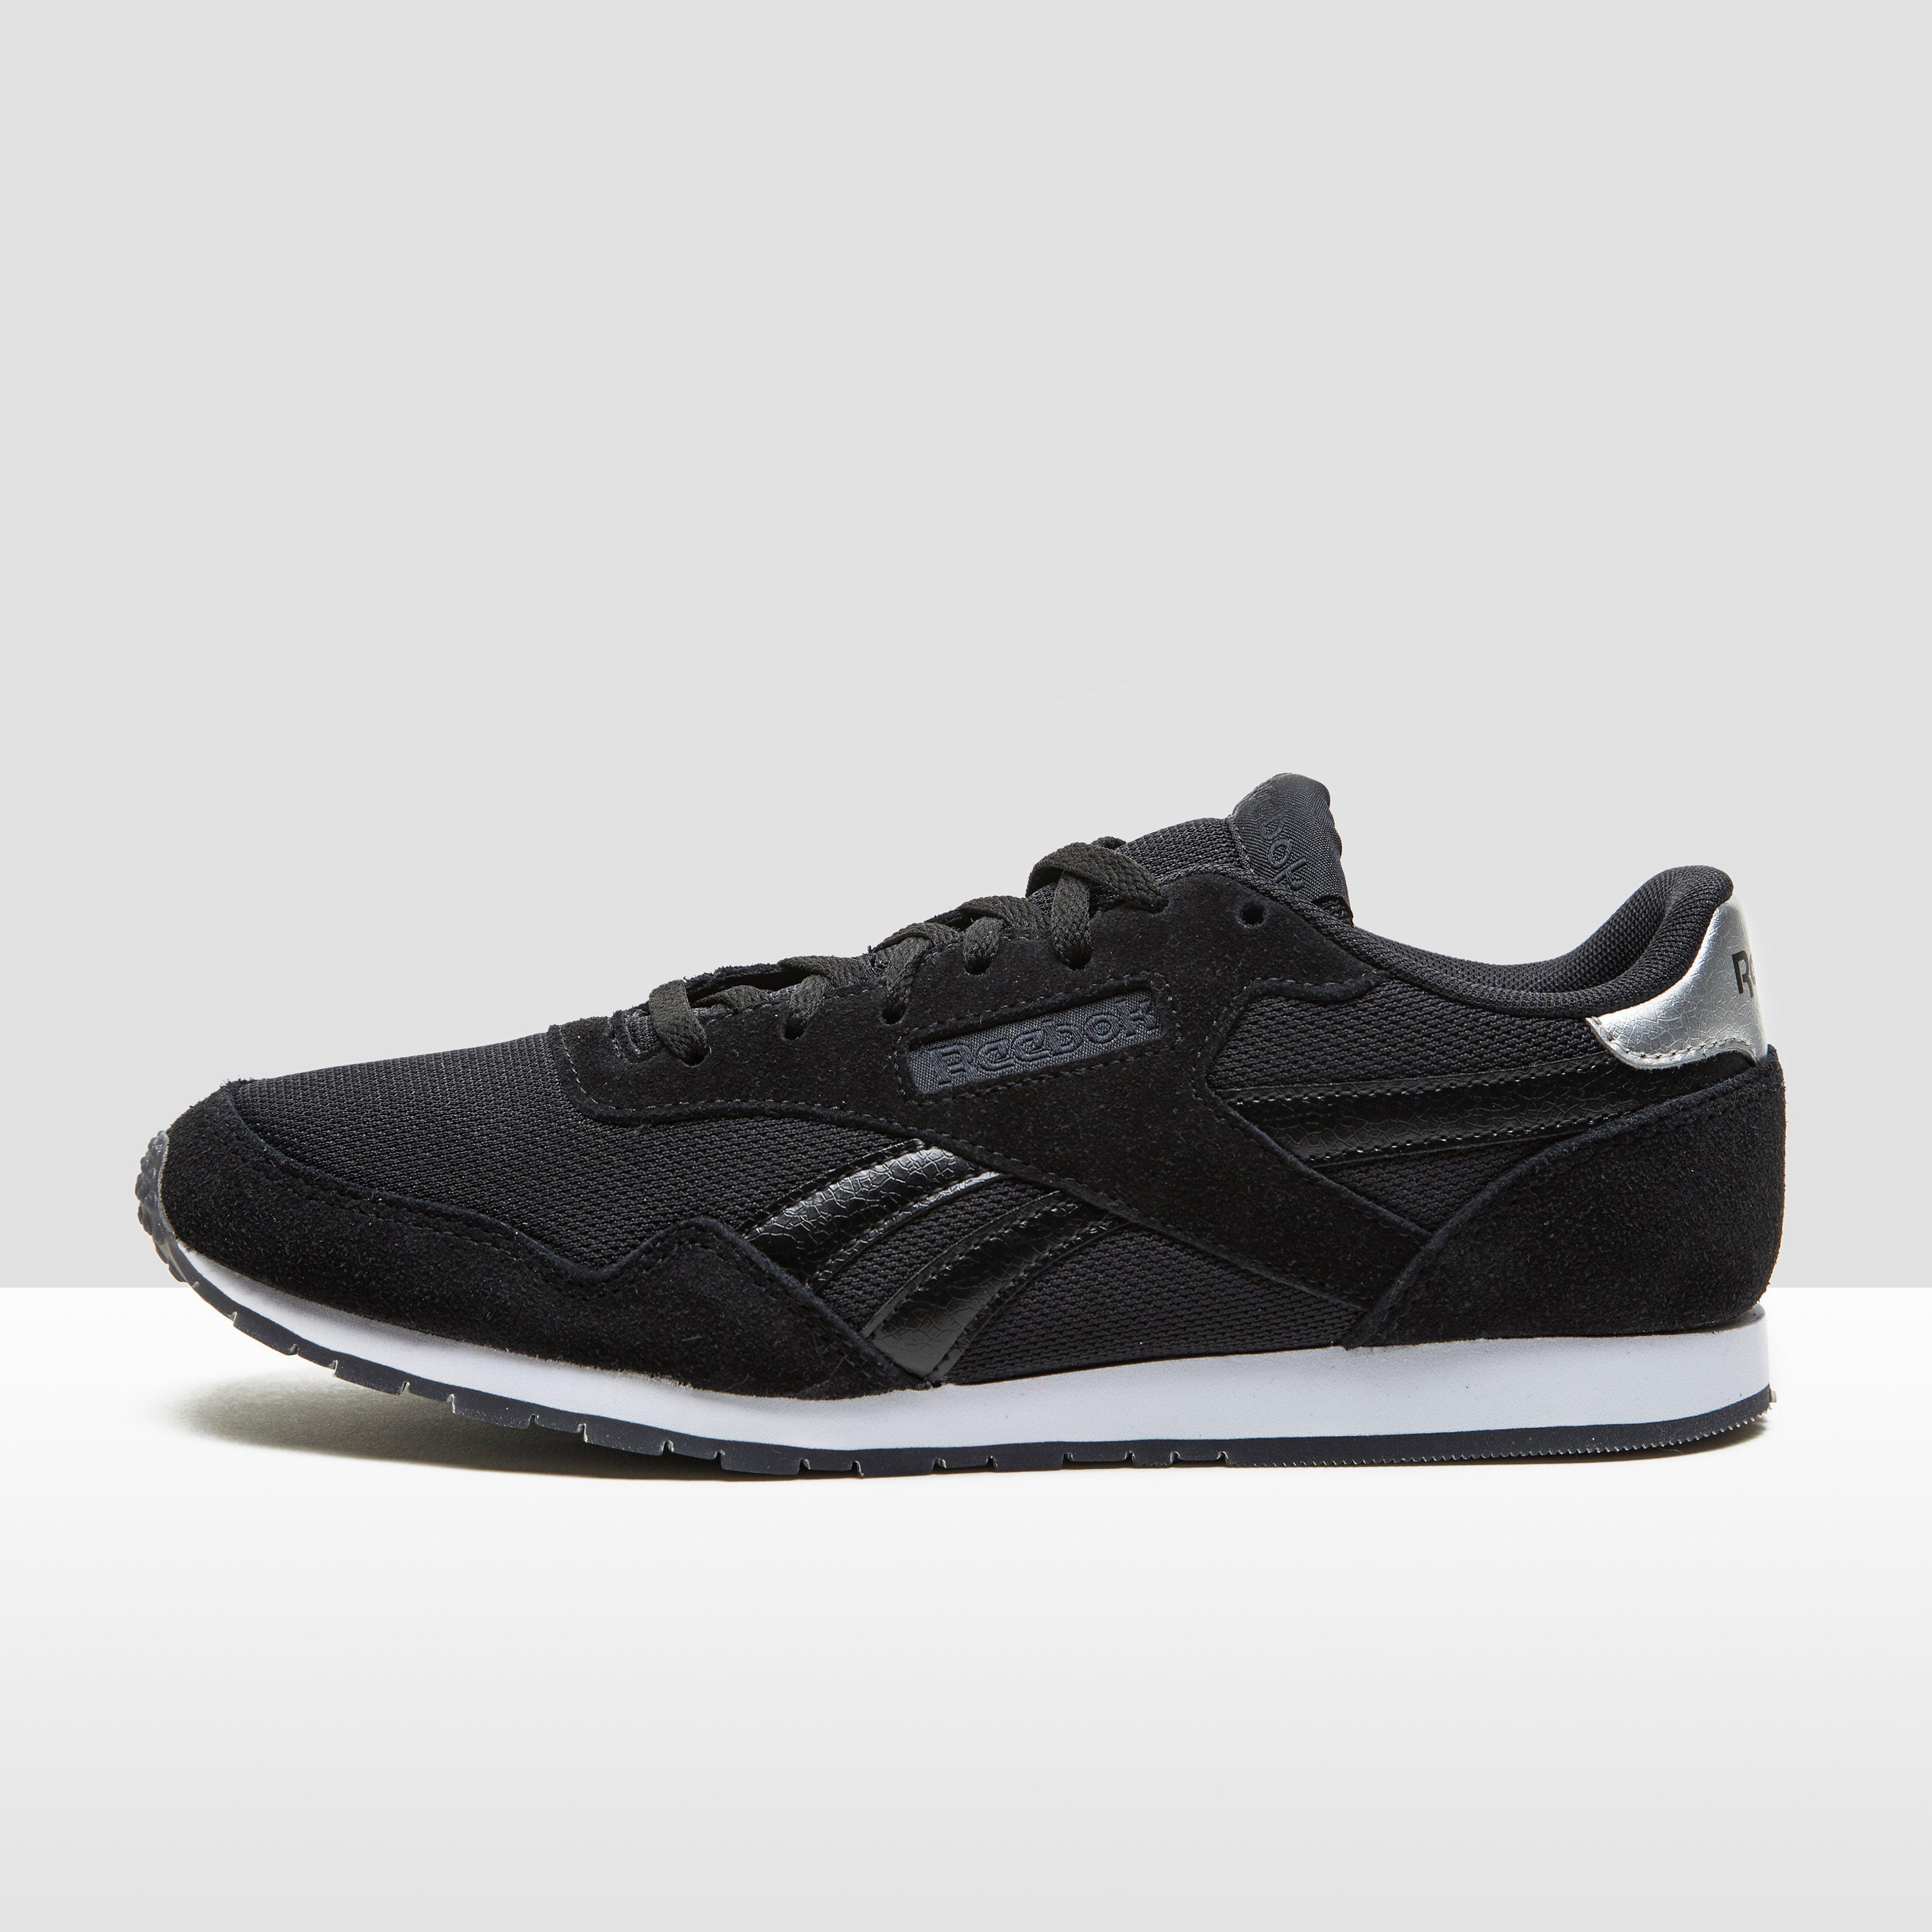 Chaussures Reebok Noir Pour Femmes c5OGqB